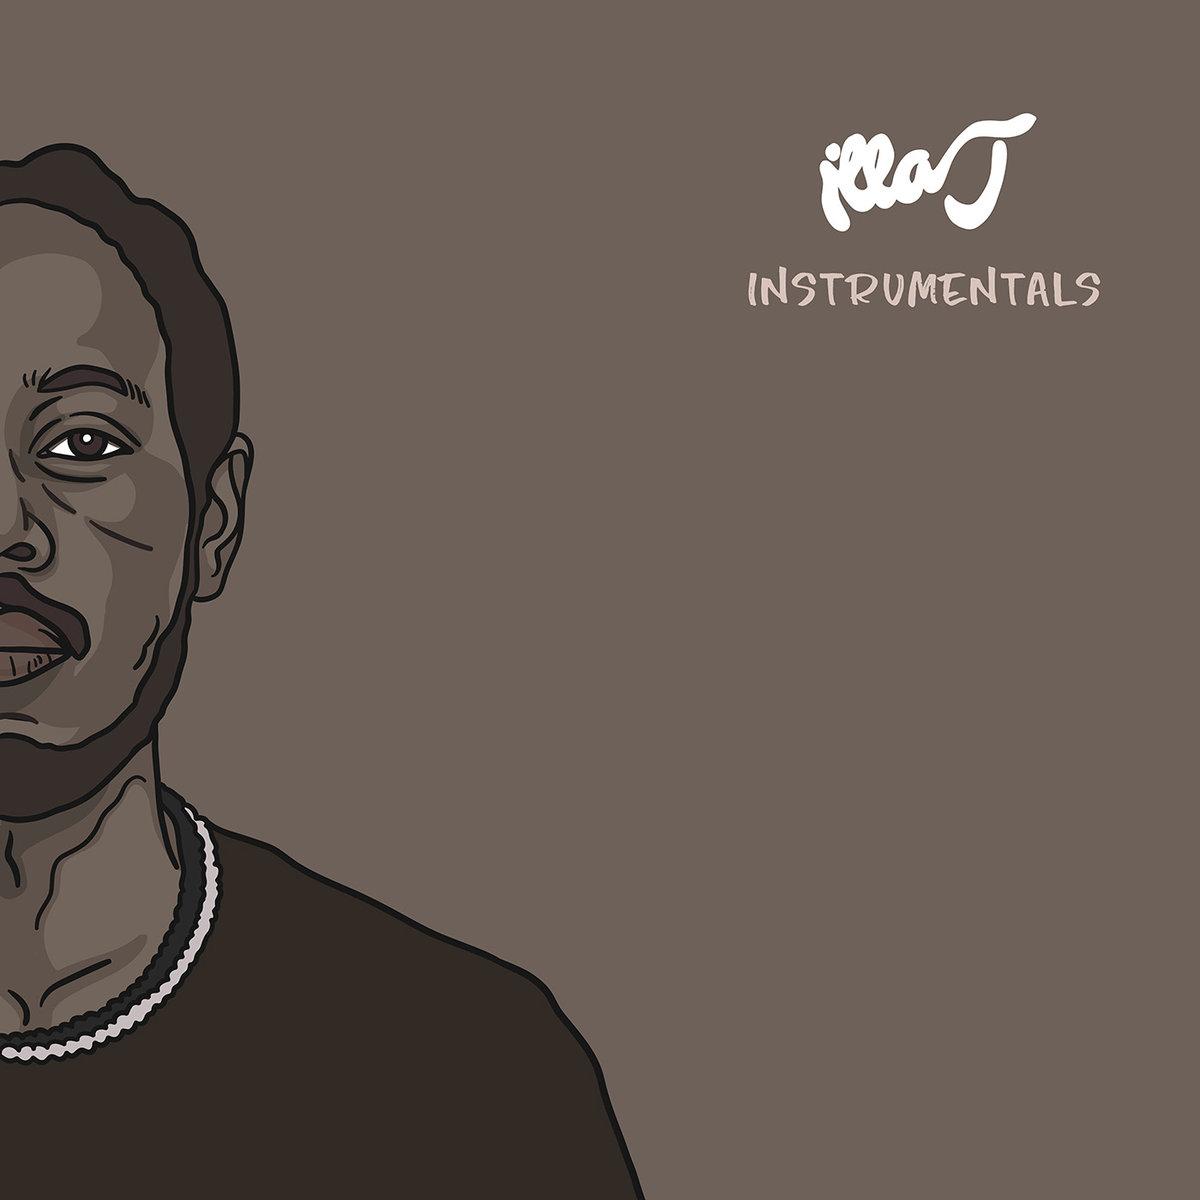 Illa J Instrumentals - Potatohead People